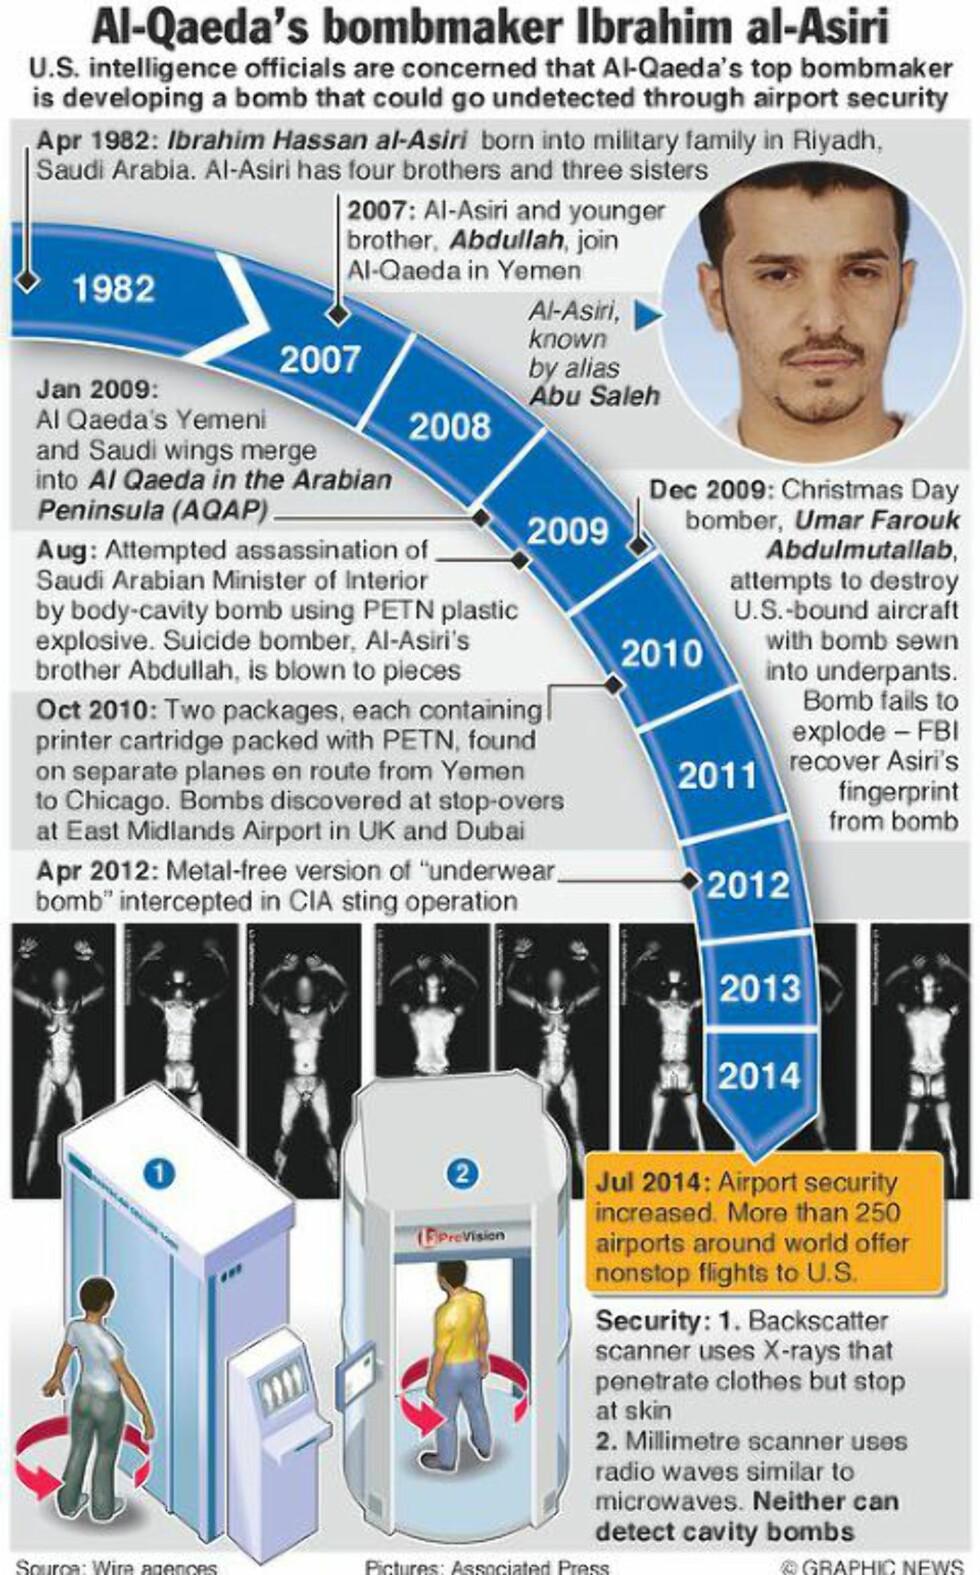 UTVIKLINGEN: Denne AP-grafikken (på engelsk) viser utviklingen til Ibrahim al-Asiri. Grafikk: Graphic News / AP